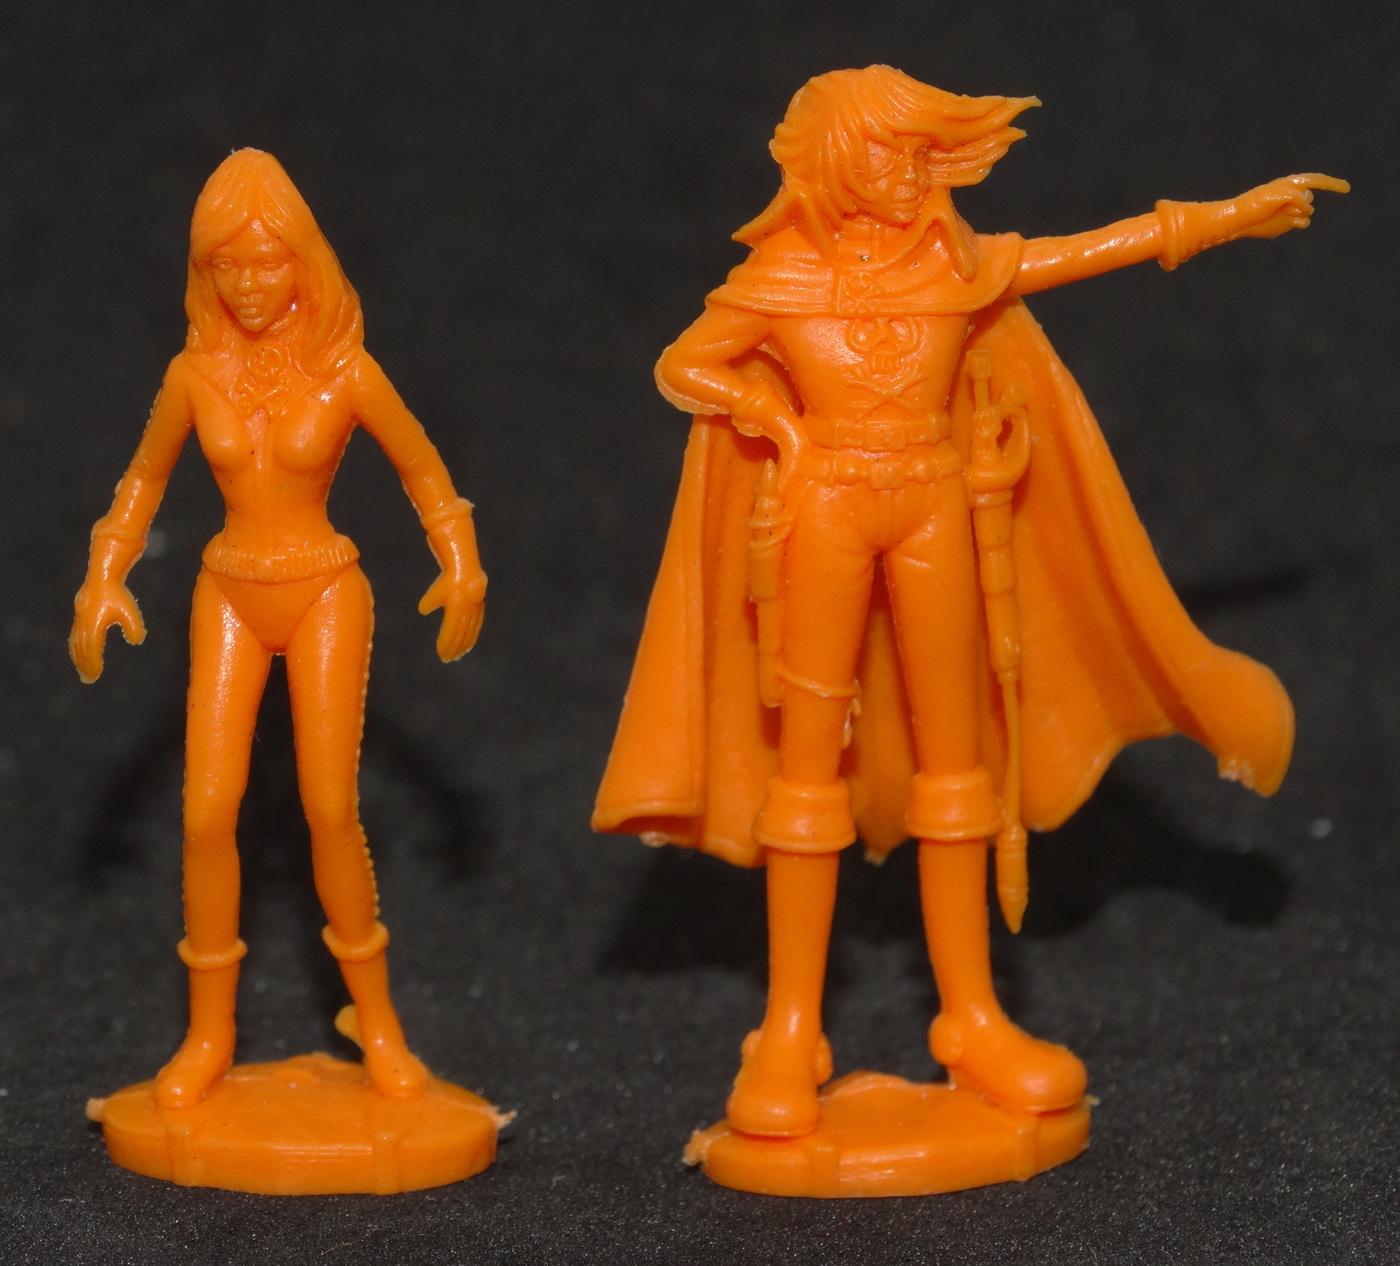 Space Orange3